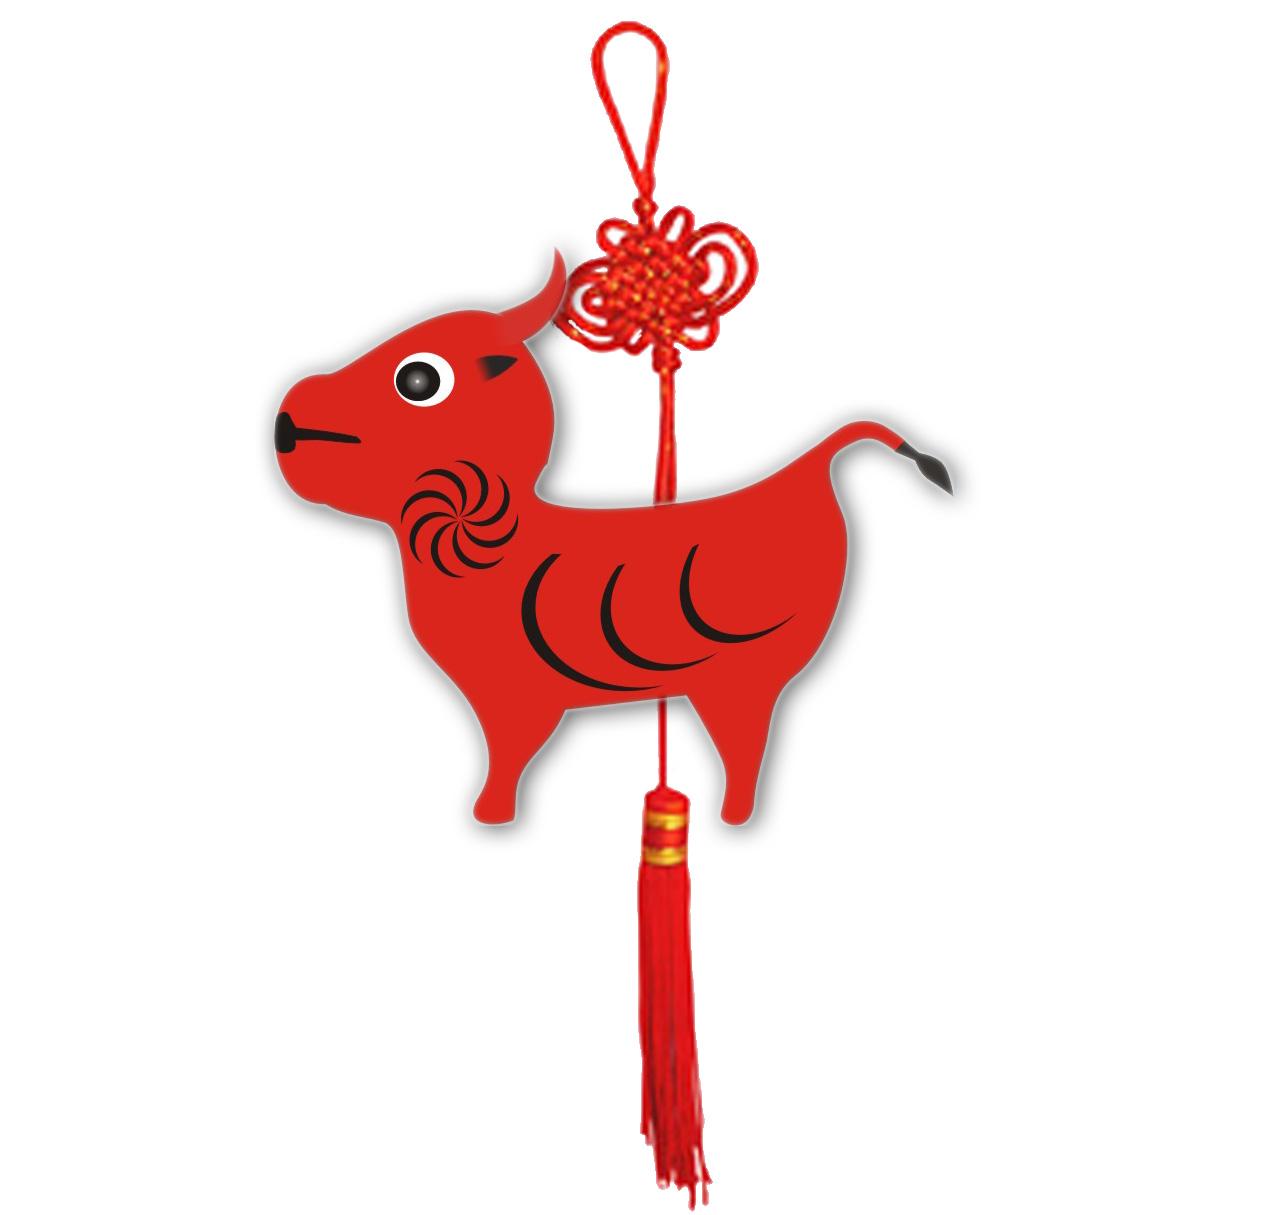 设计有中国传统特点的牛,虎,生肖图案